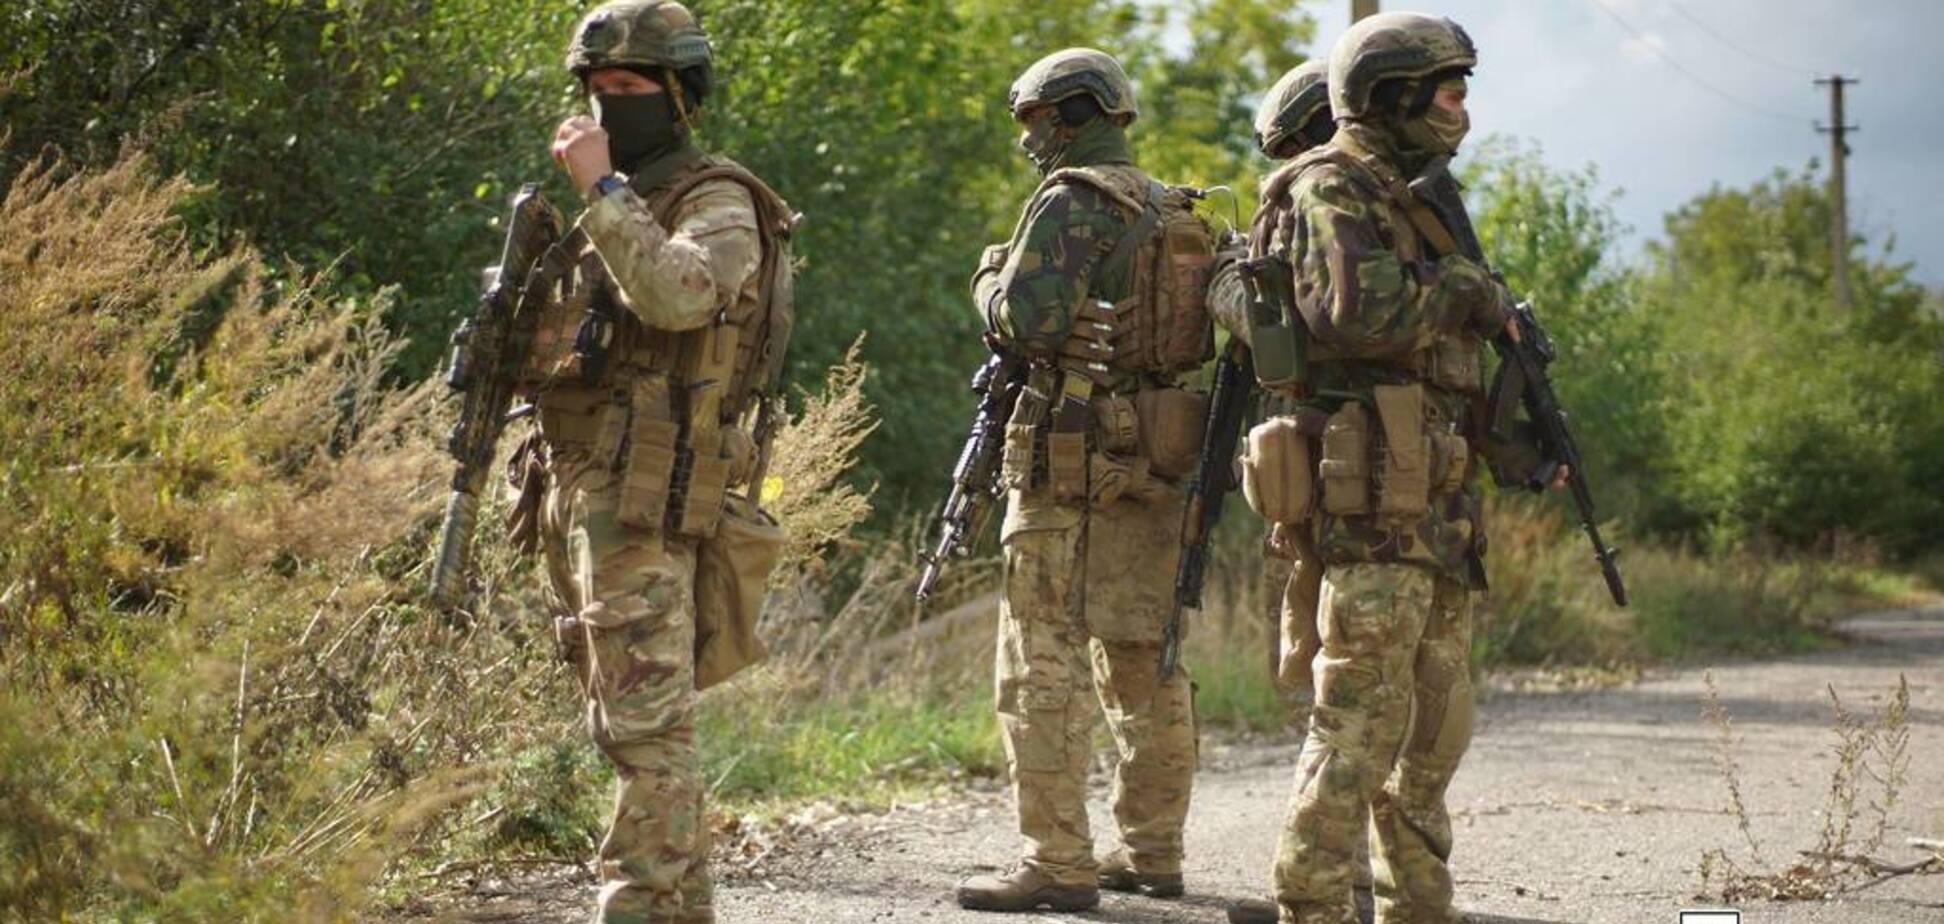 Прорвалися вглиб: бійці ОС повернули новий населений пункт на Донбасі